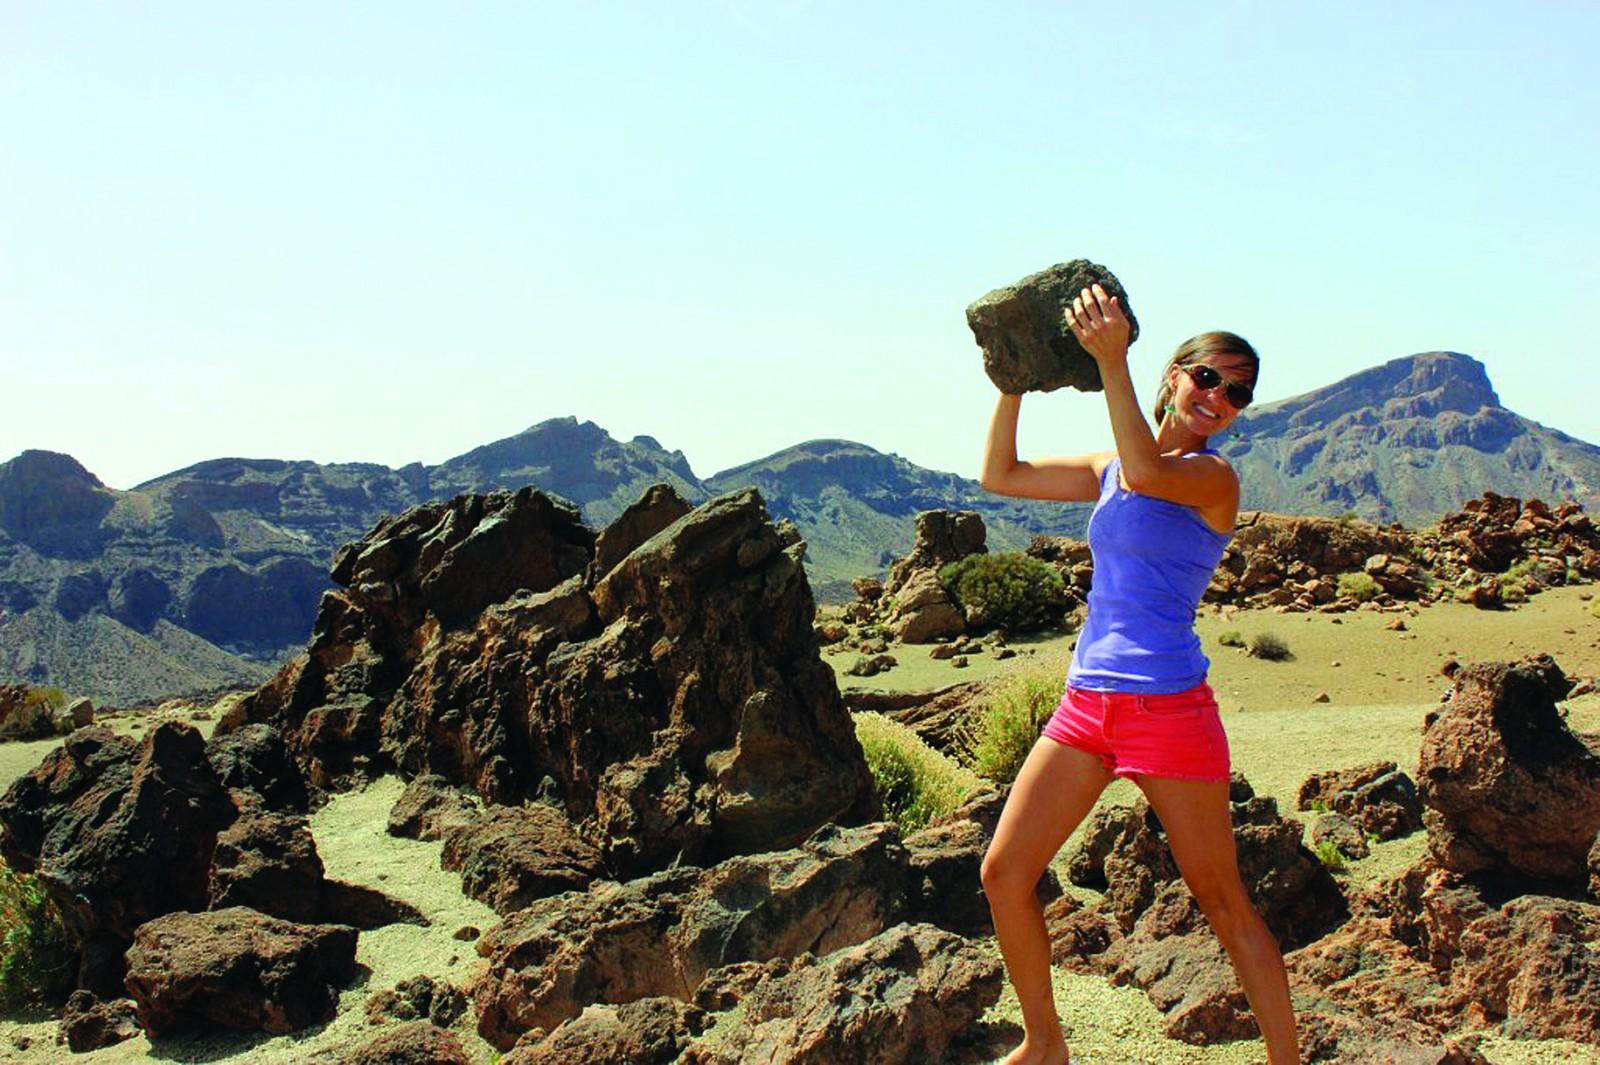 A2 tease Tenerife Rock